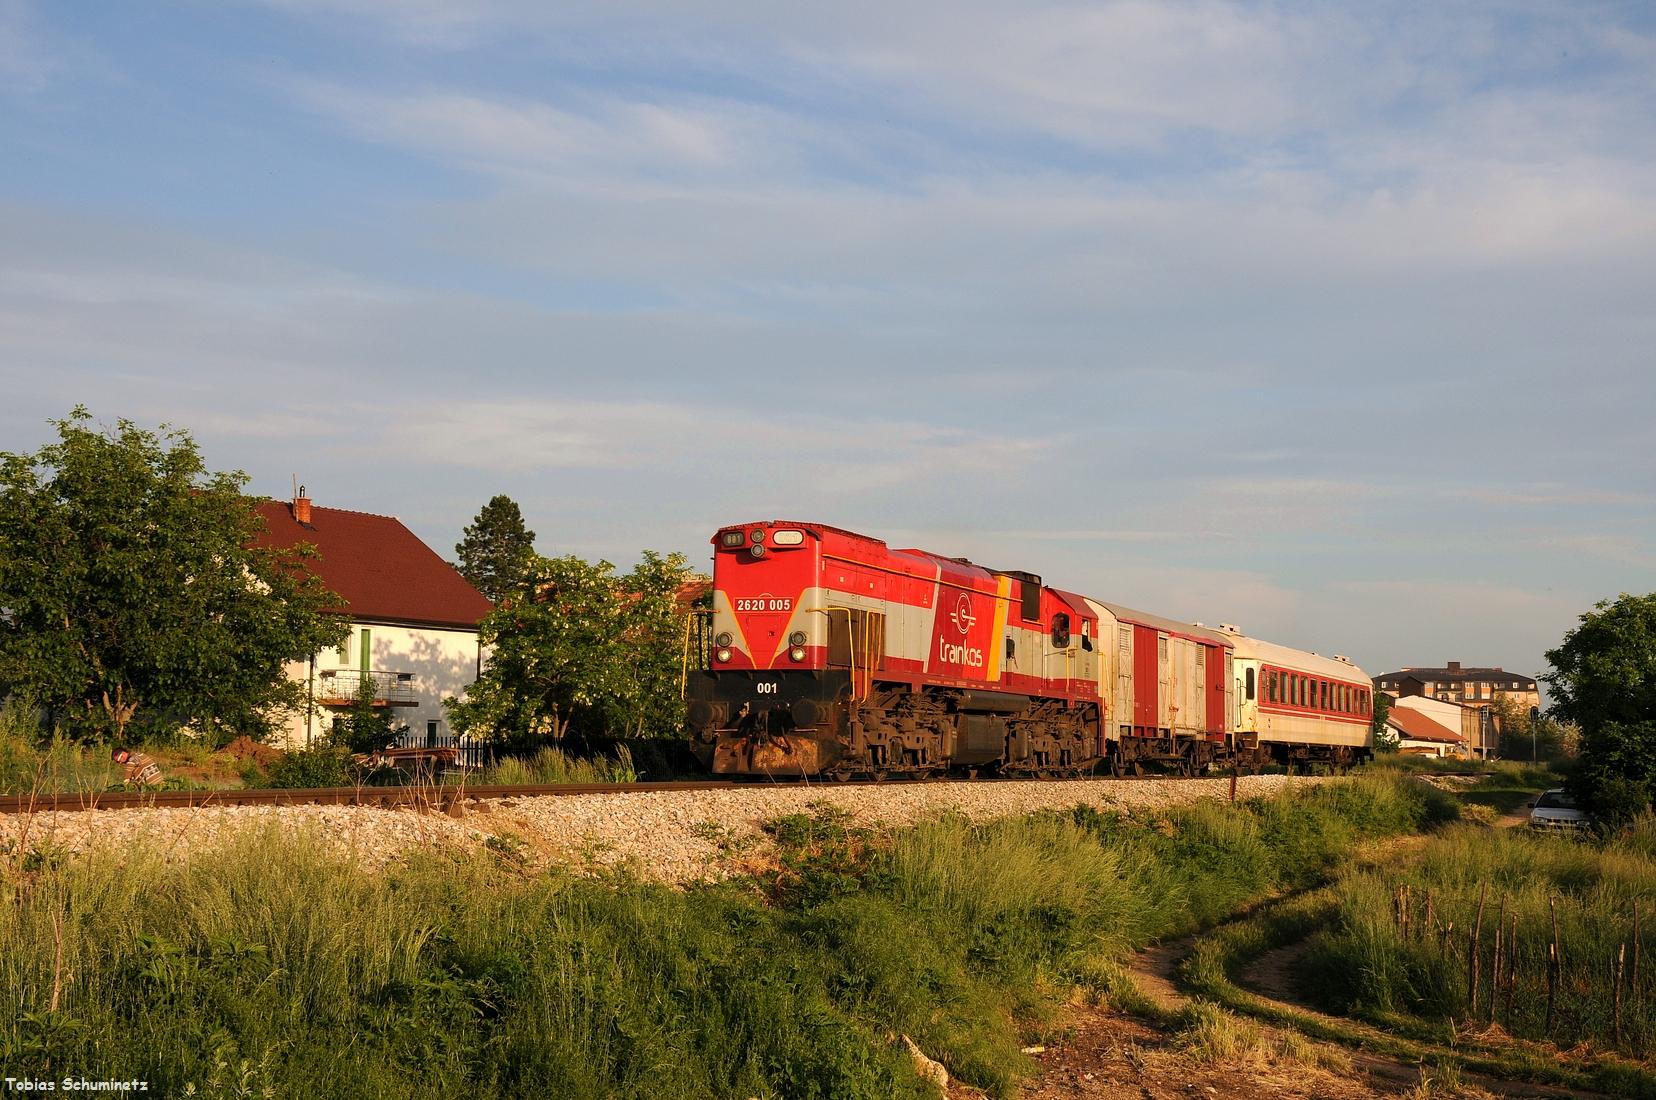 Hinter Lipjan konnten wir den Zug mit Lok 001 ein letzes Mal aufnehmen.